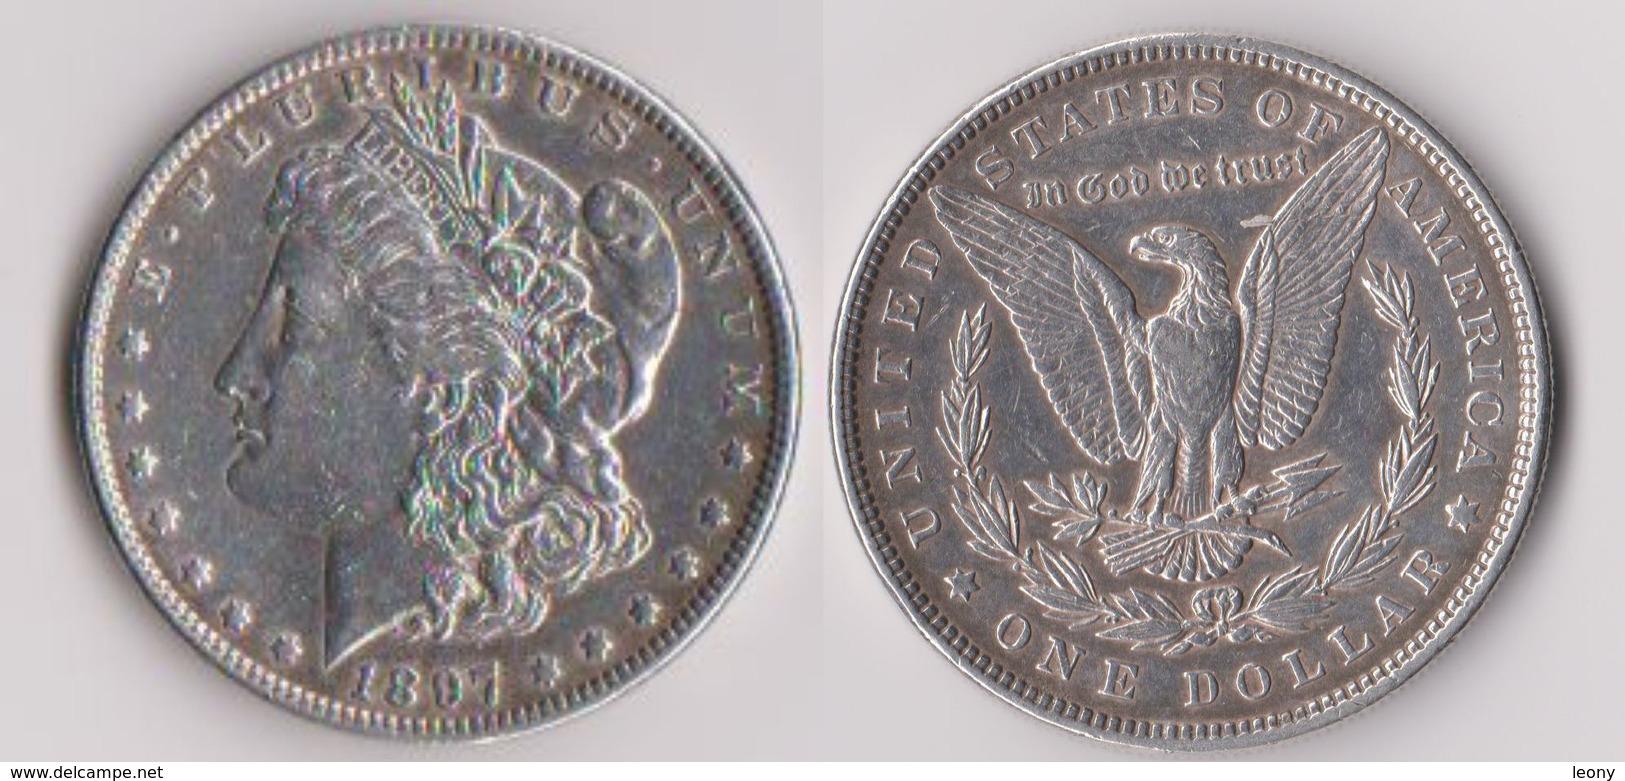 PIECE De ONE DOLLAR 1897 - ARGENT - UNITED STATES OF AMERICA - Amérique Centrale